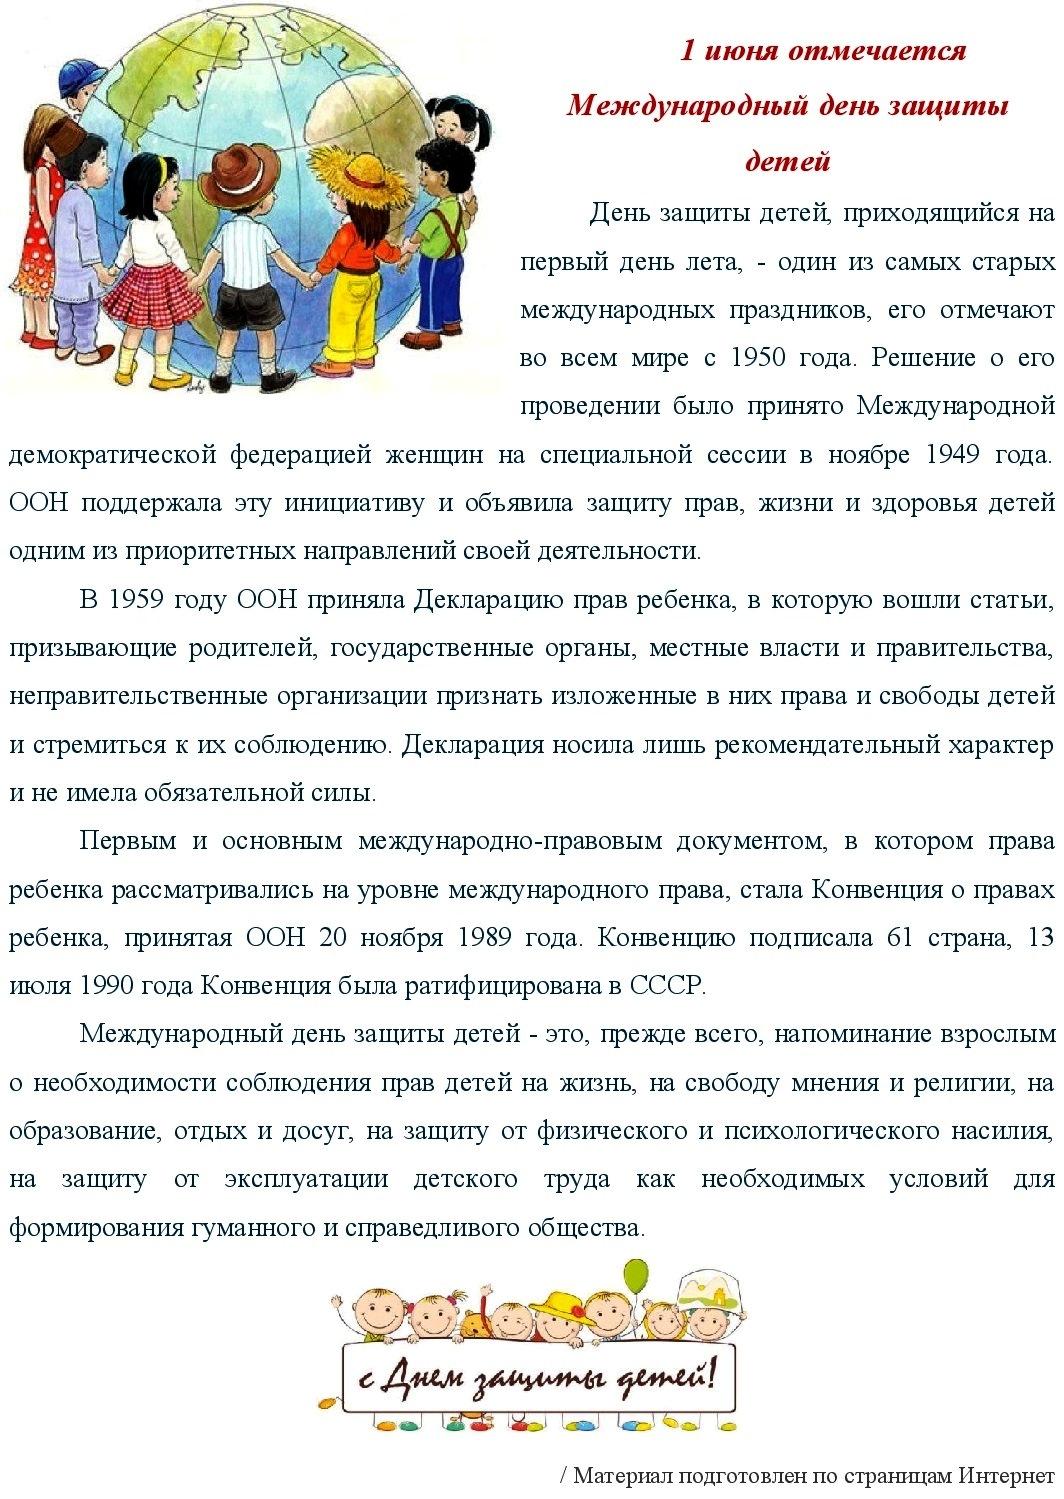 Поздравления на День защиты детей 2017 в прозе 58